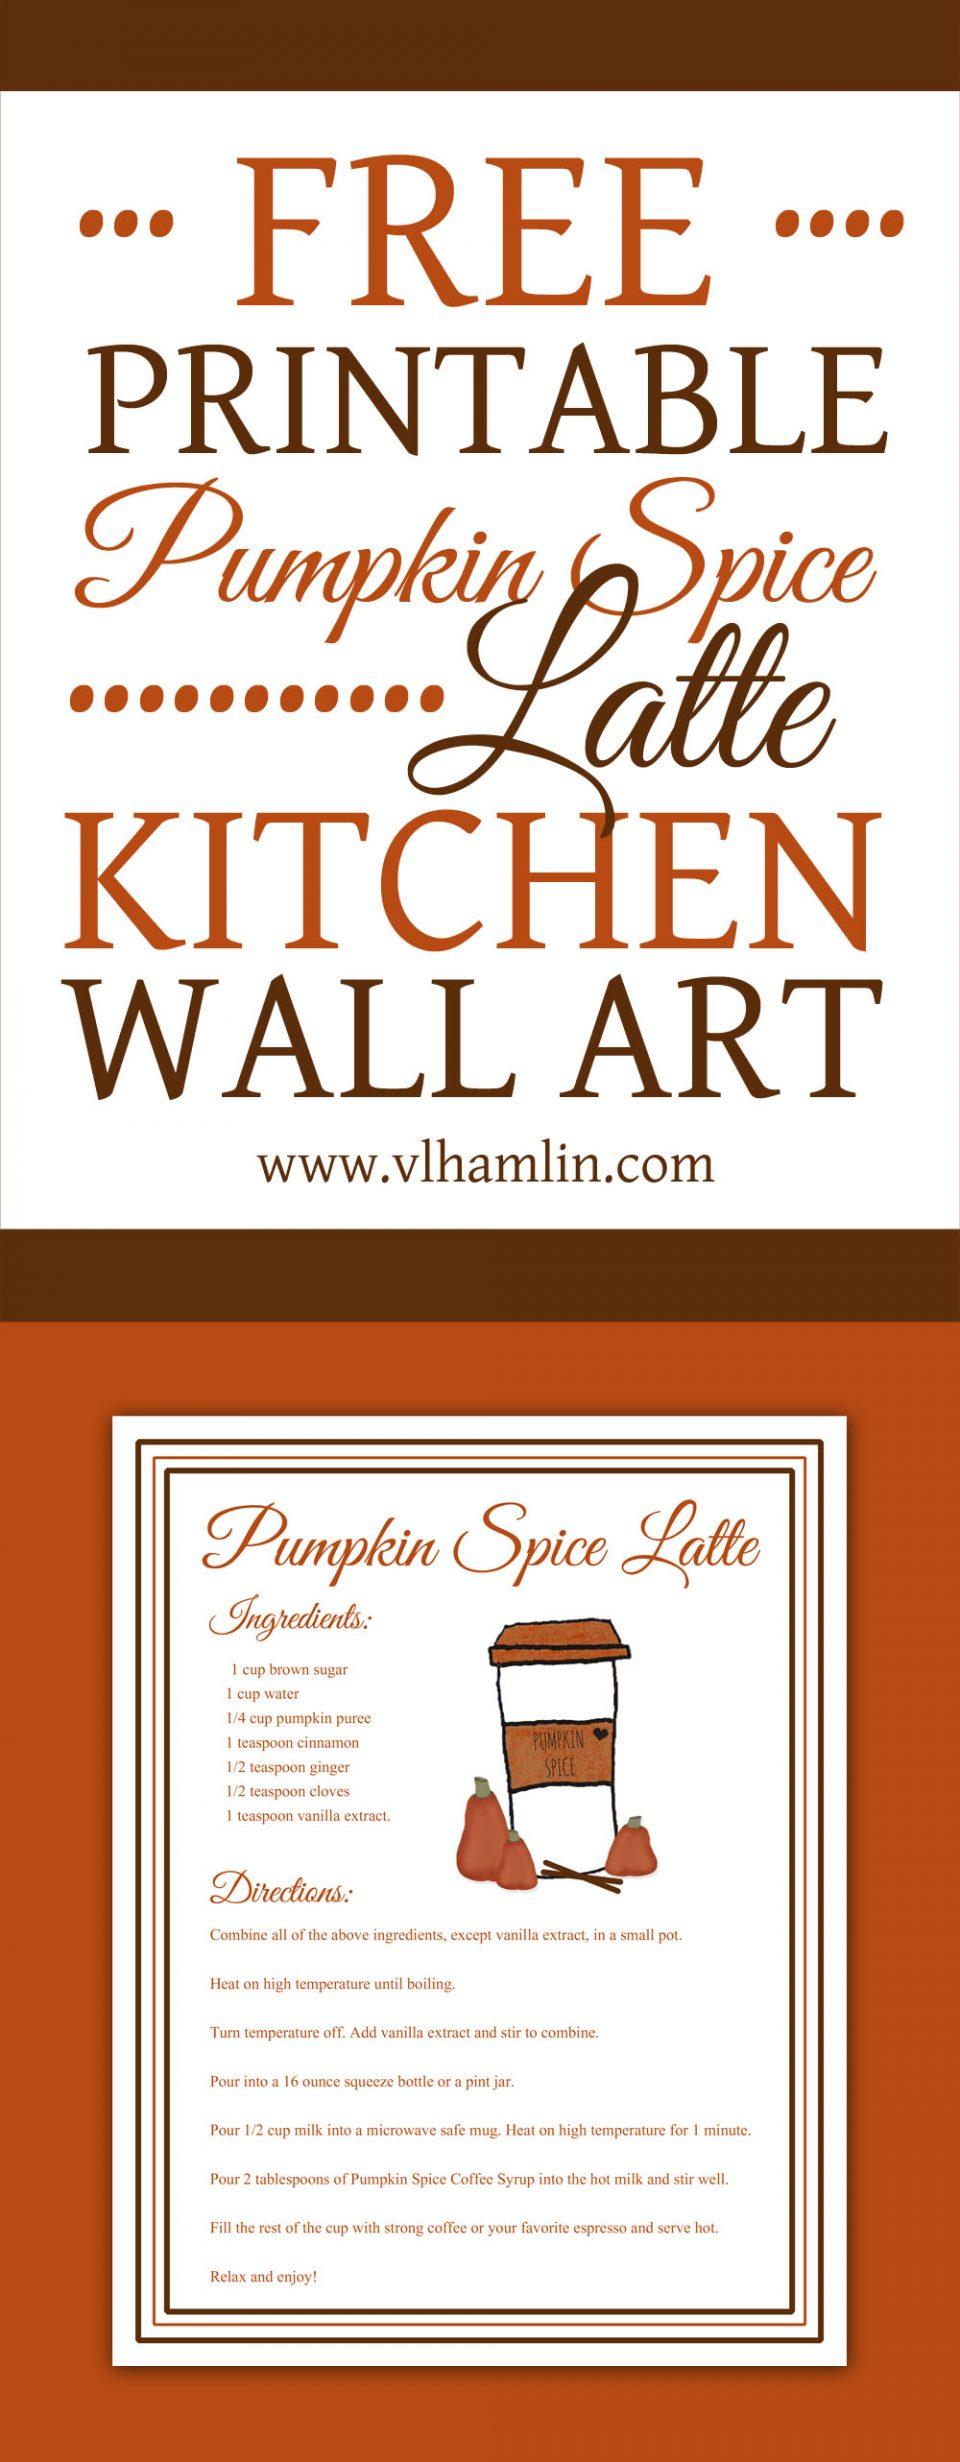 Pumpkin Spice Latte Recipe Print - PIN